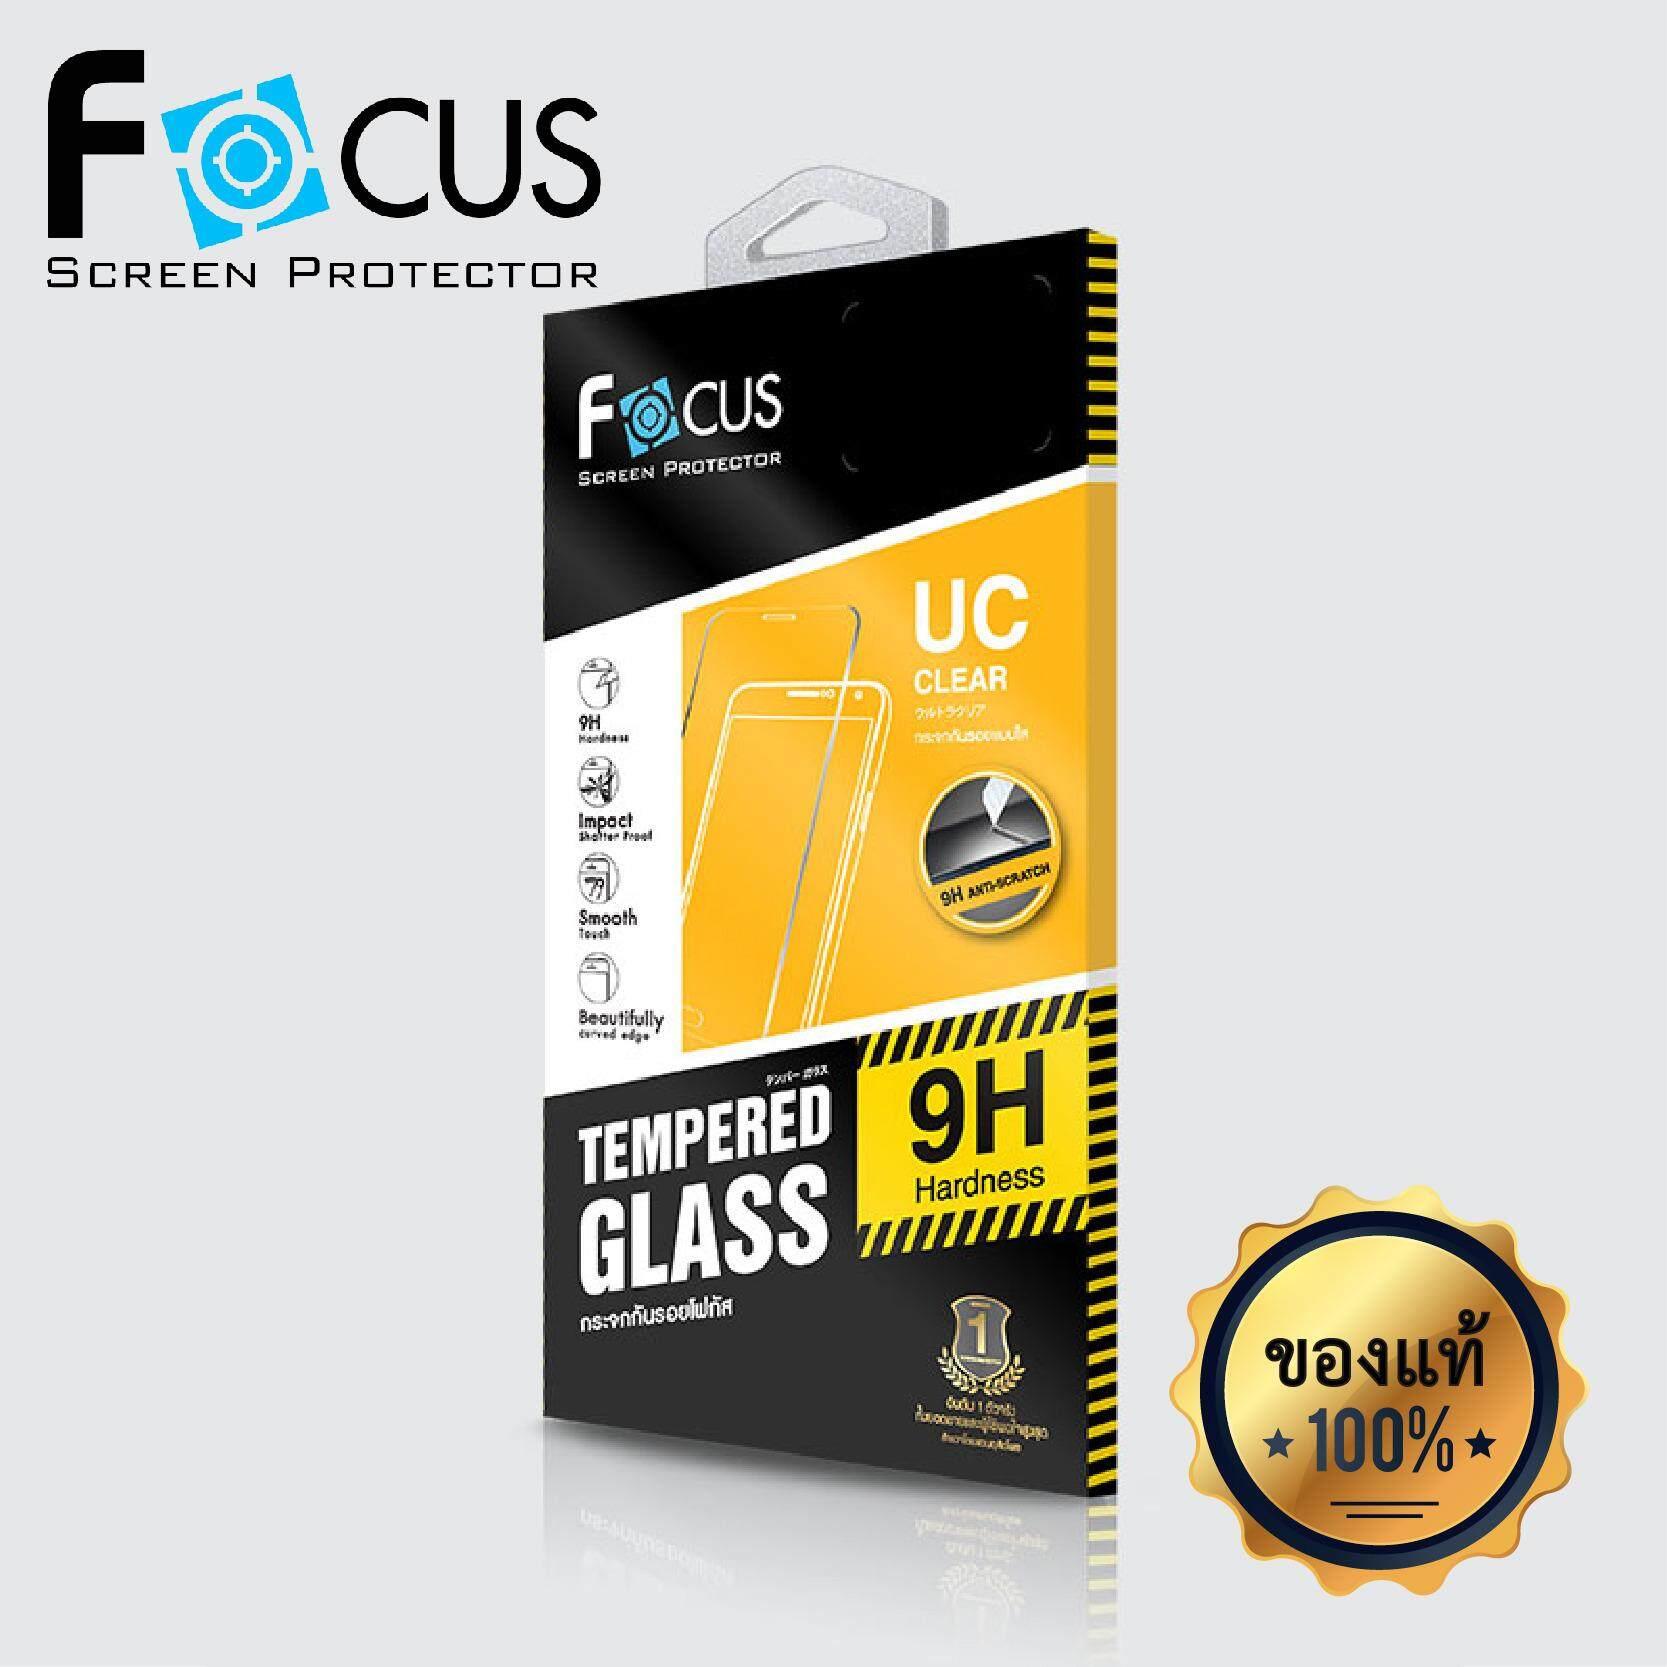 ขาย ฟิล์มกระจกเต็มจอ Focus Ultra Clear ของแท้ 100 สำหรับ Ipad Mini Ipad Air Ipad Pro ใน กรุงเทพมหานคร